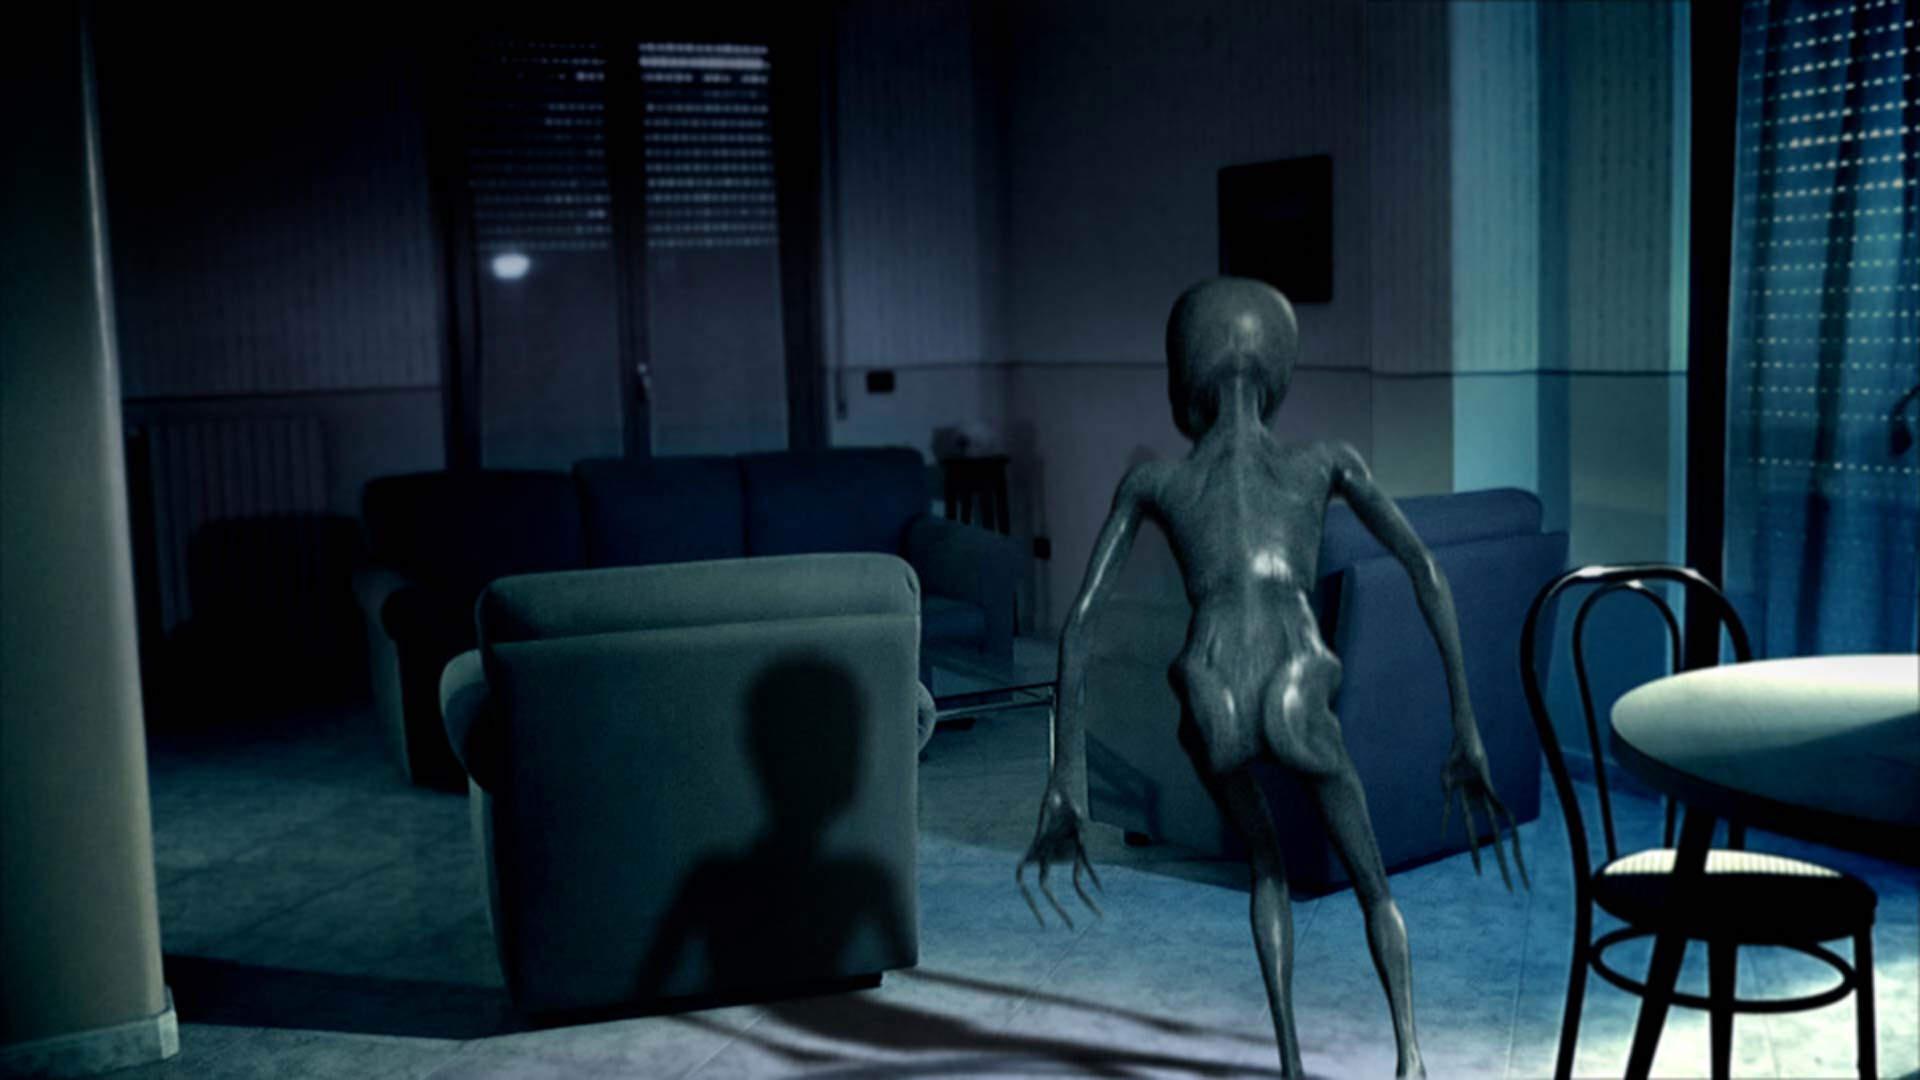 Intervista ad Andrea Ricca autore di cortometraggi Sci-Fi horror